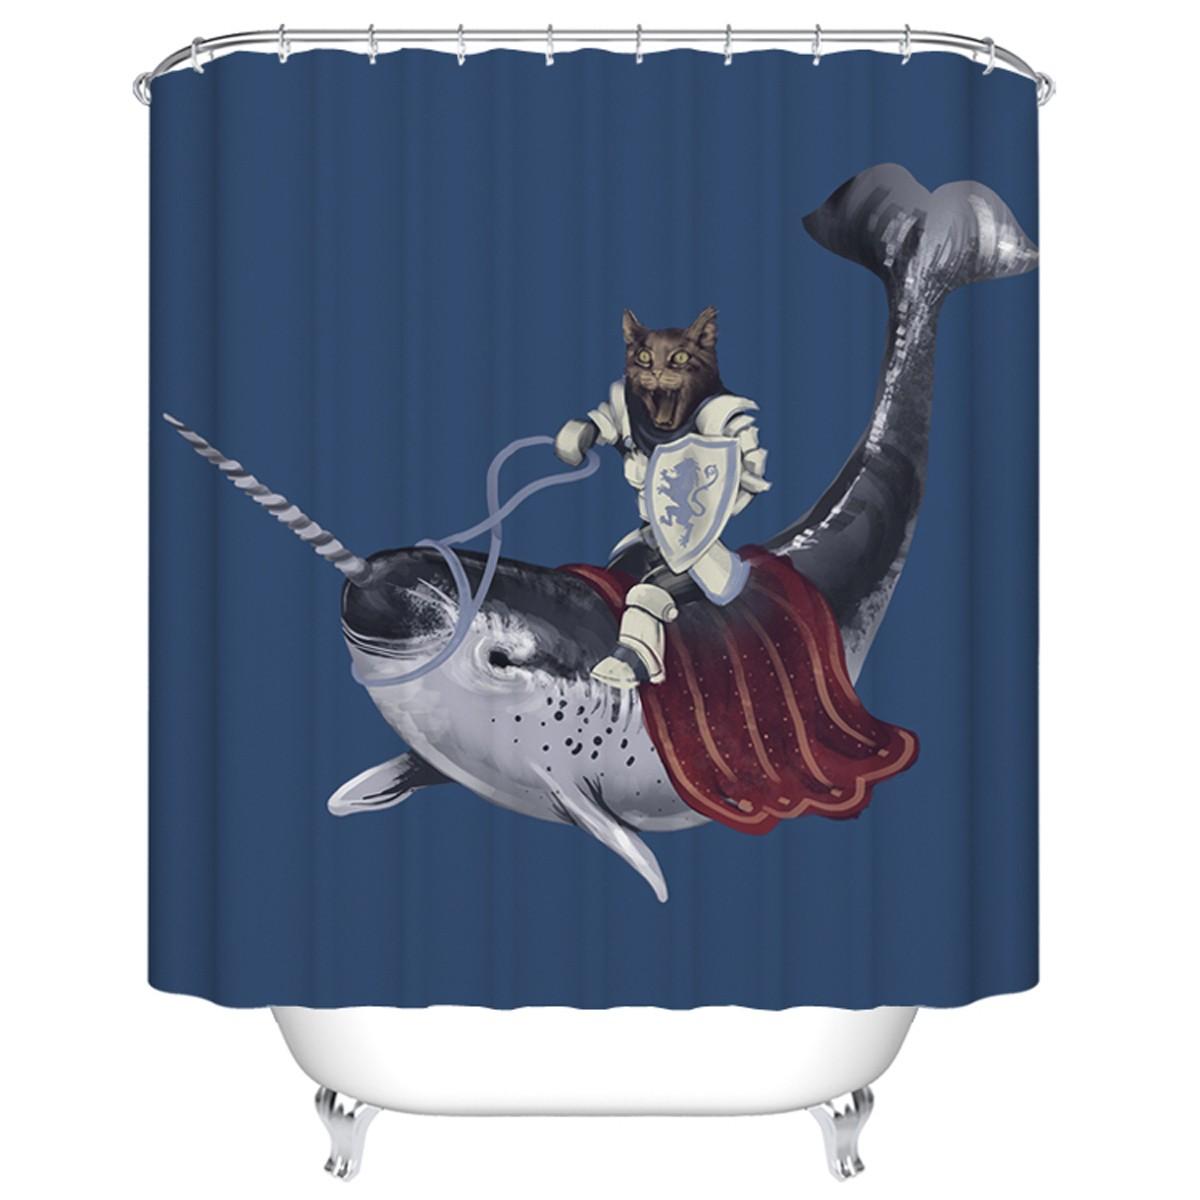 rideau de douche imperm able pour salle de bain 70 l x 72 h dk yt008 decoraport canada. Black Bedroom Furniture Sets. Home Design Ideas